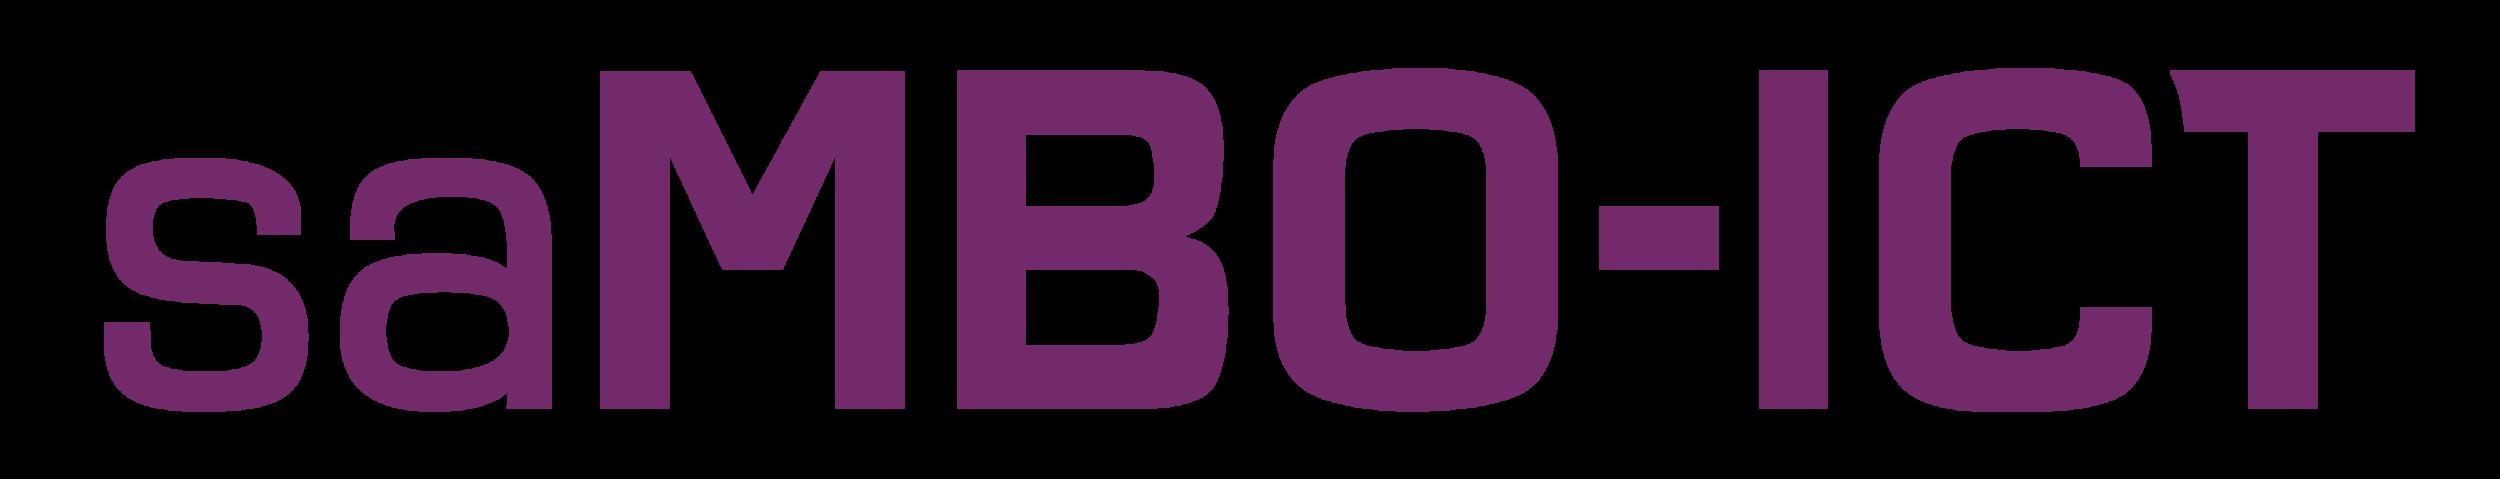 saMBO-ICT 161102 logo-rgb-transp-4000x767 kopie.png